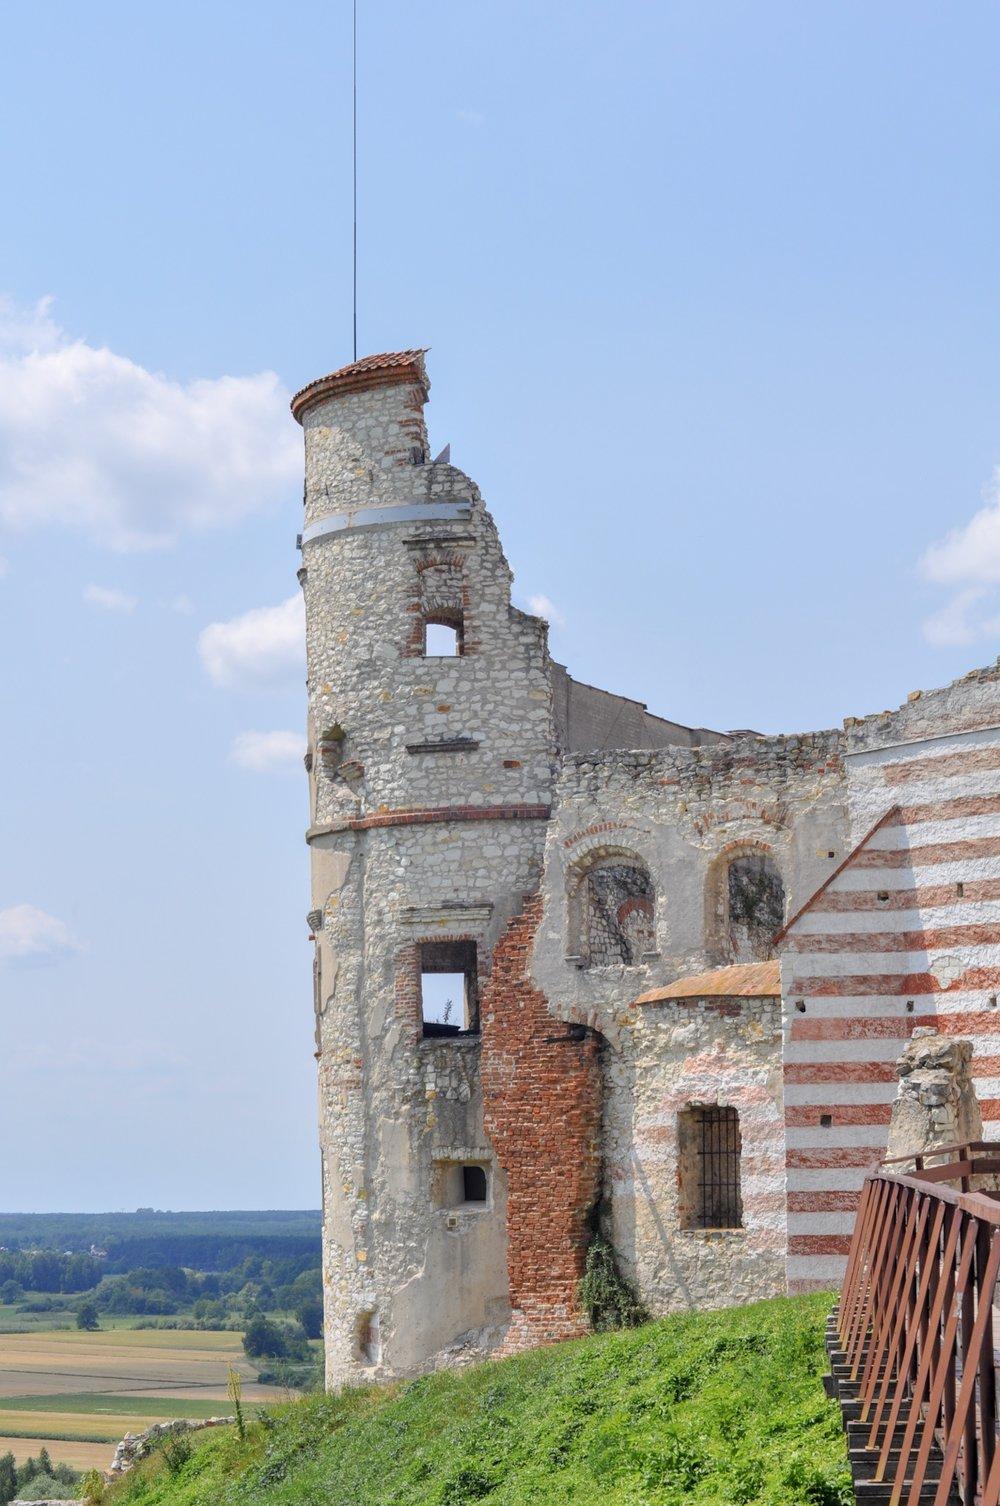 Janowiec Castle, Poland